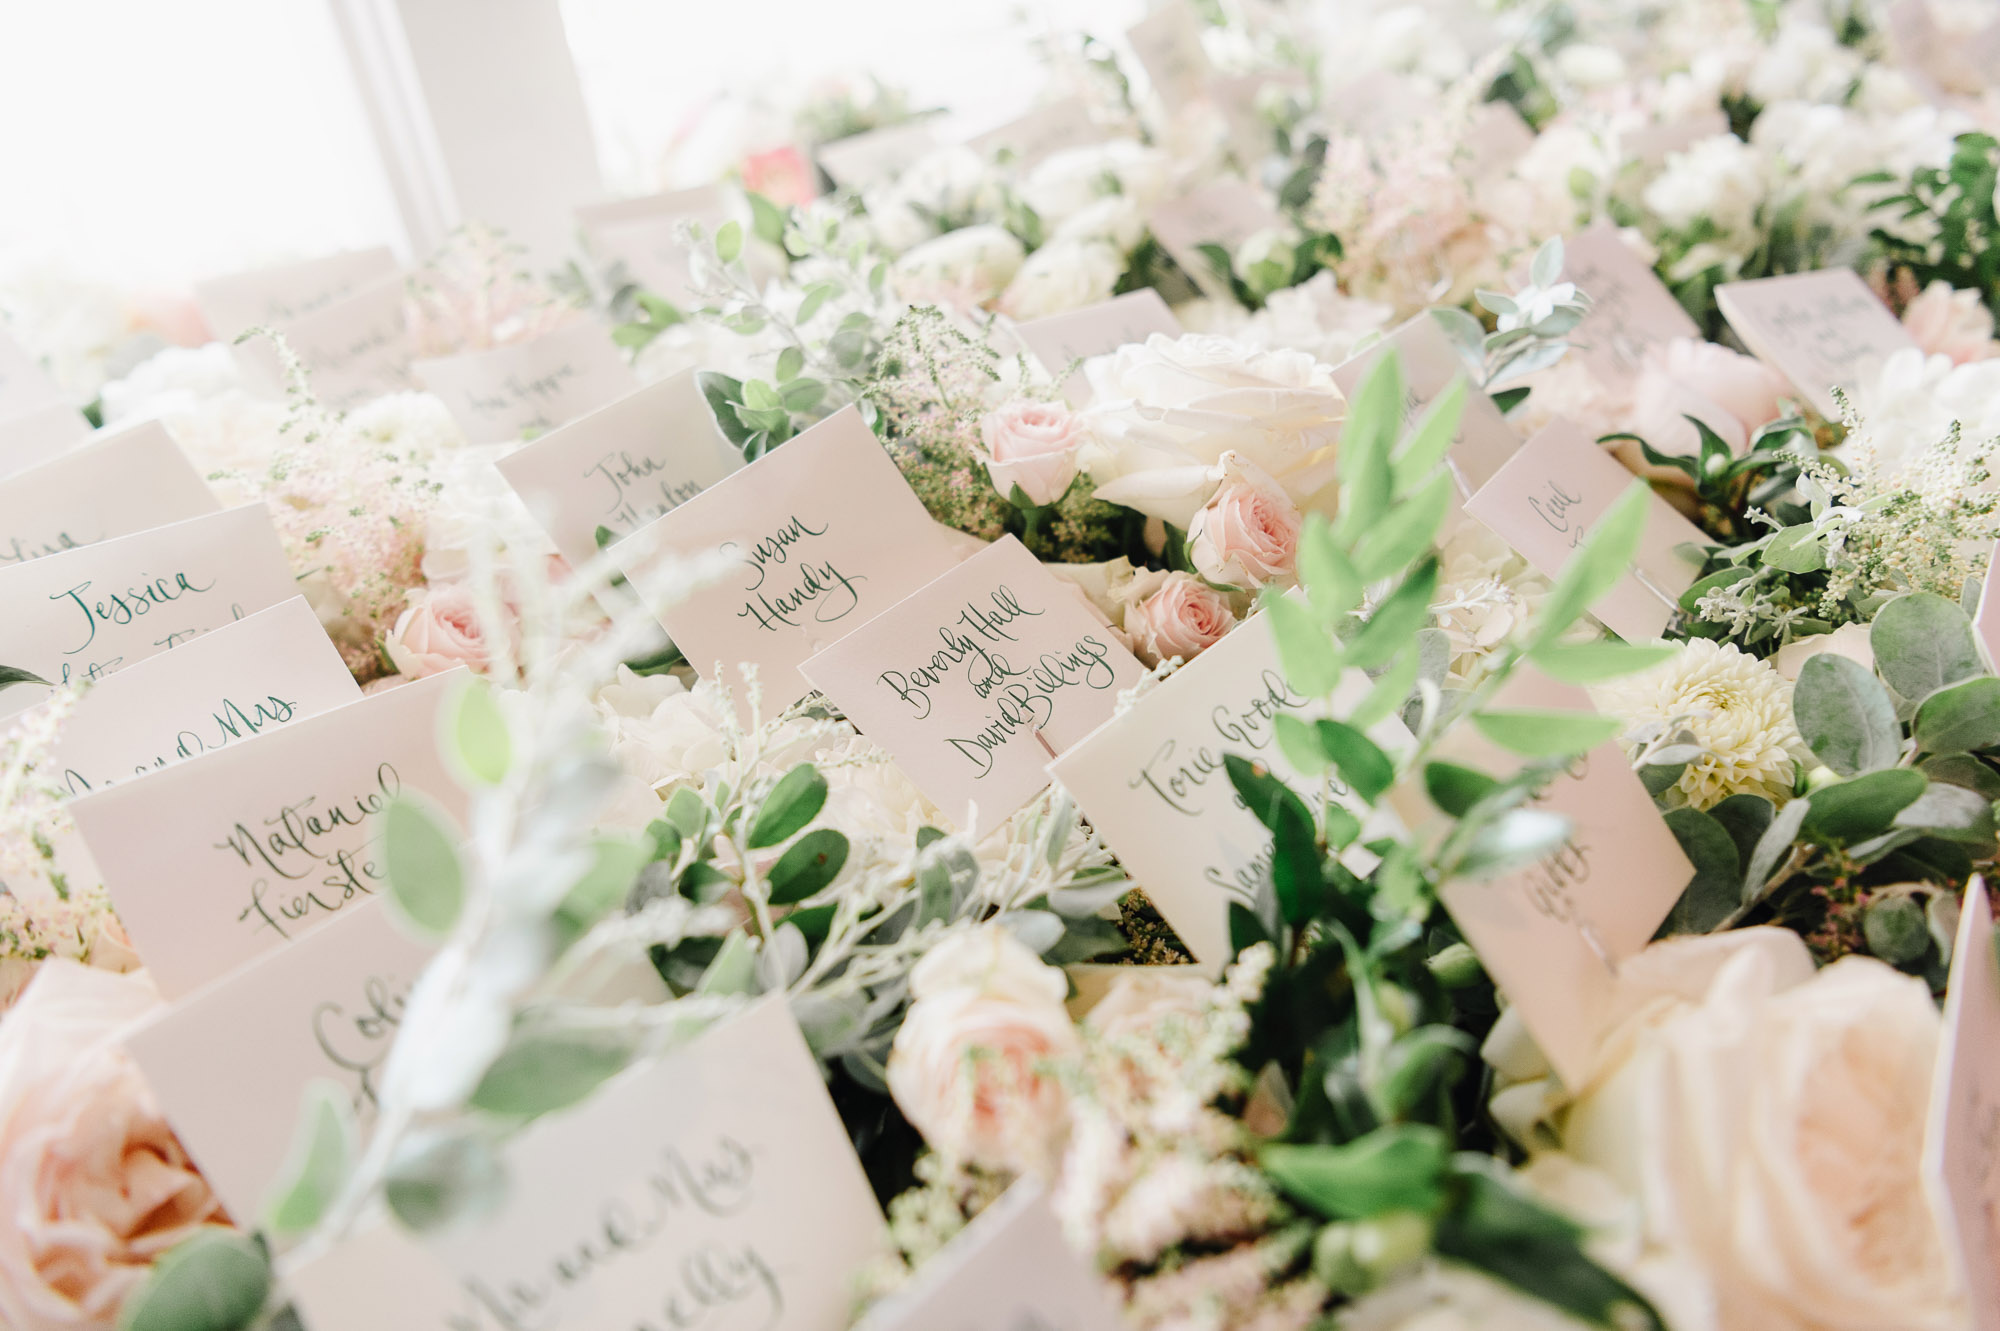 Galley Beach wedding invitations